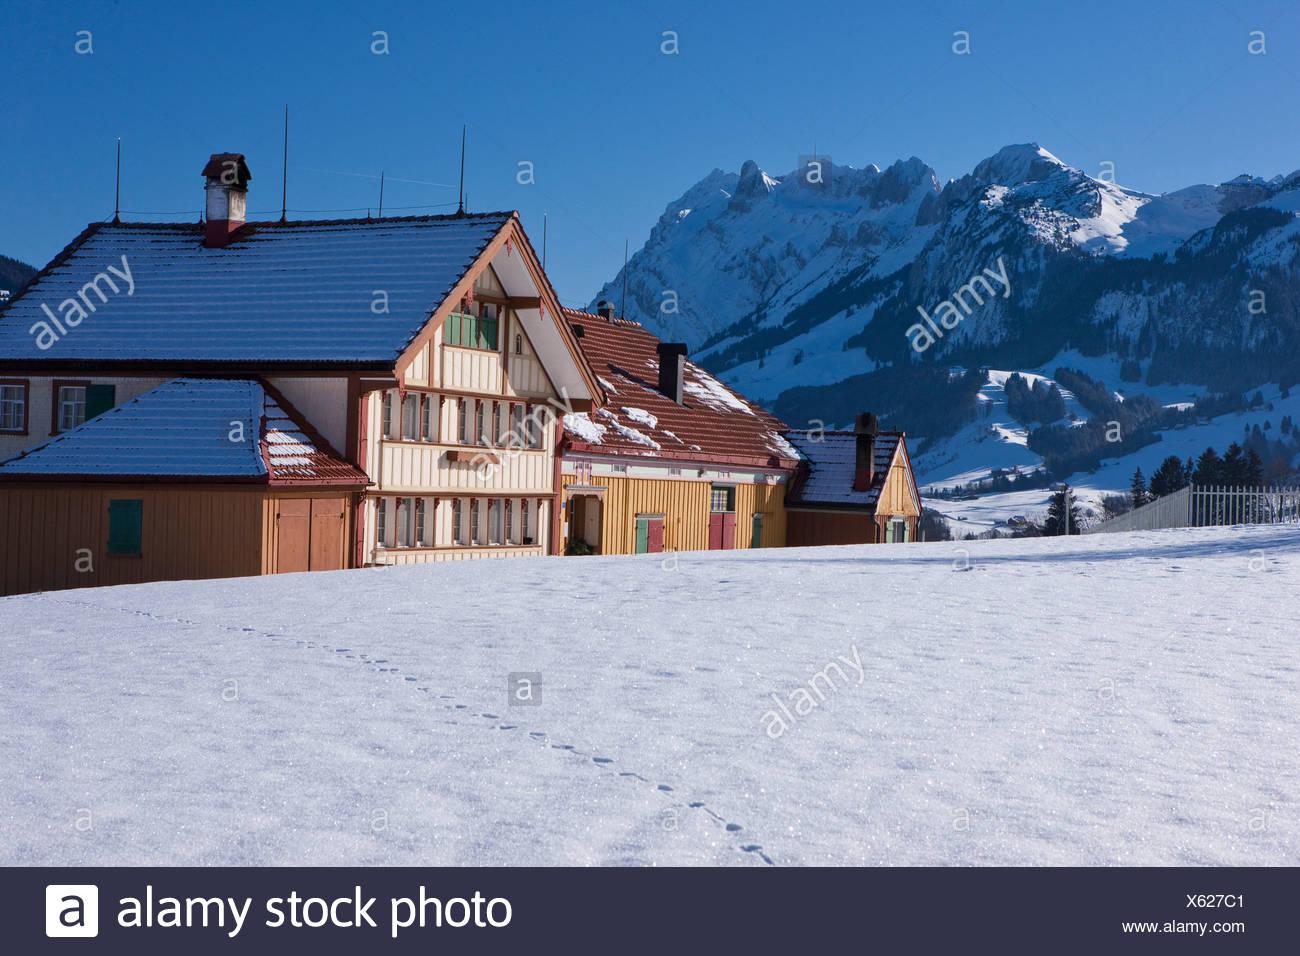 Agriturismo, Säntis, inverno, montagna, montagne, agricoltura, cantone di Appenzell, Innerroden, area di Appenzell, Alpstein, Svizzera e UE Immagini Stock